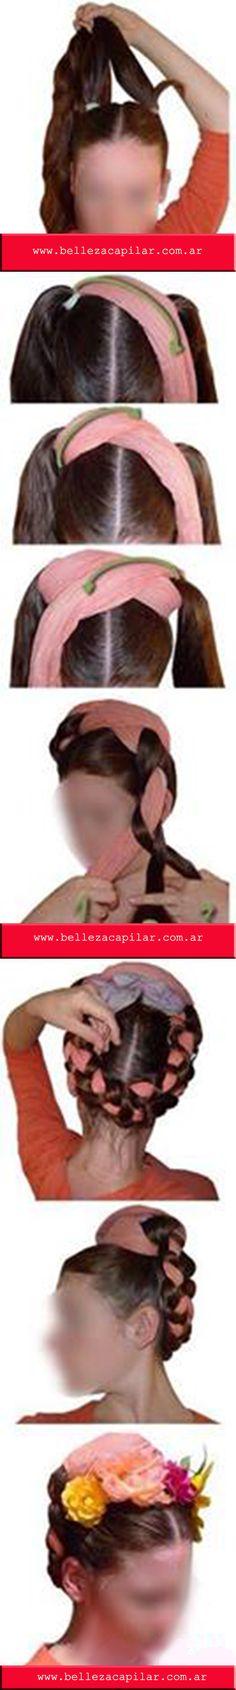 Aca te dejo un tutorial de como hacerte el peinado de nuestra gran querida Frida. Christian Diaz by. BELLEZA CAPILAR www.bellezacapilar.com.ar/nov